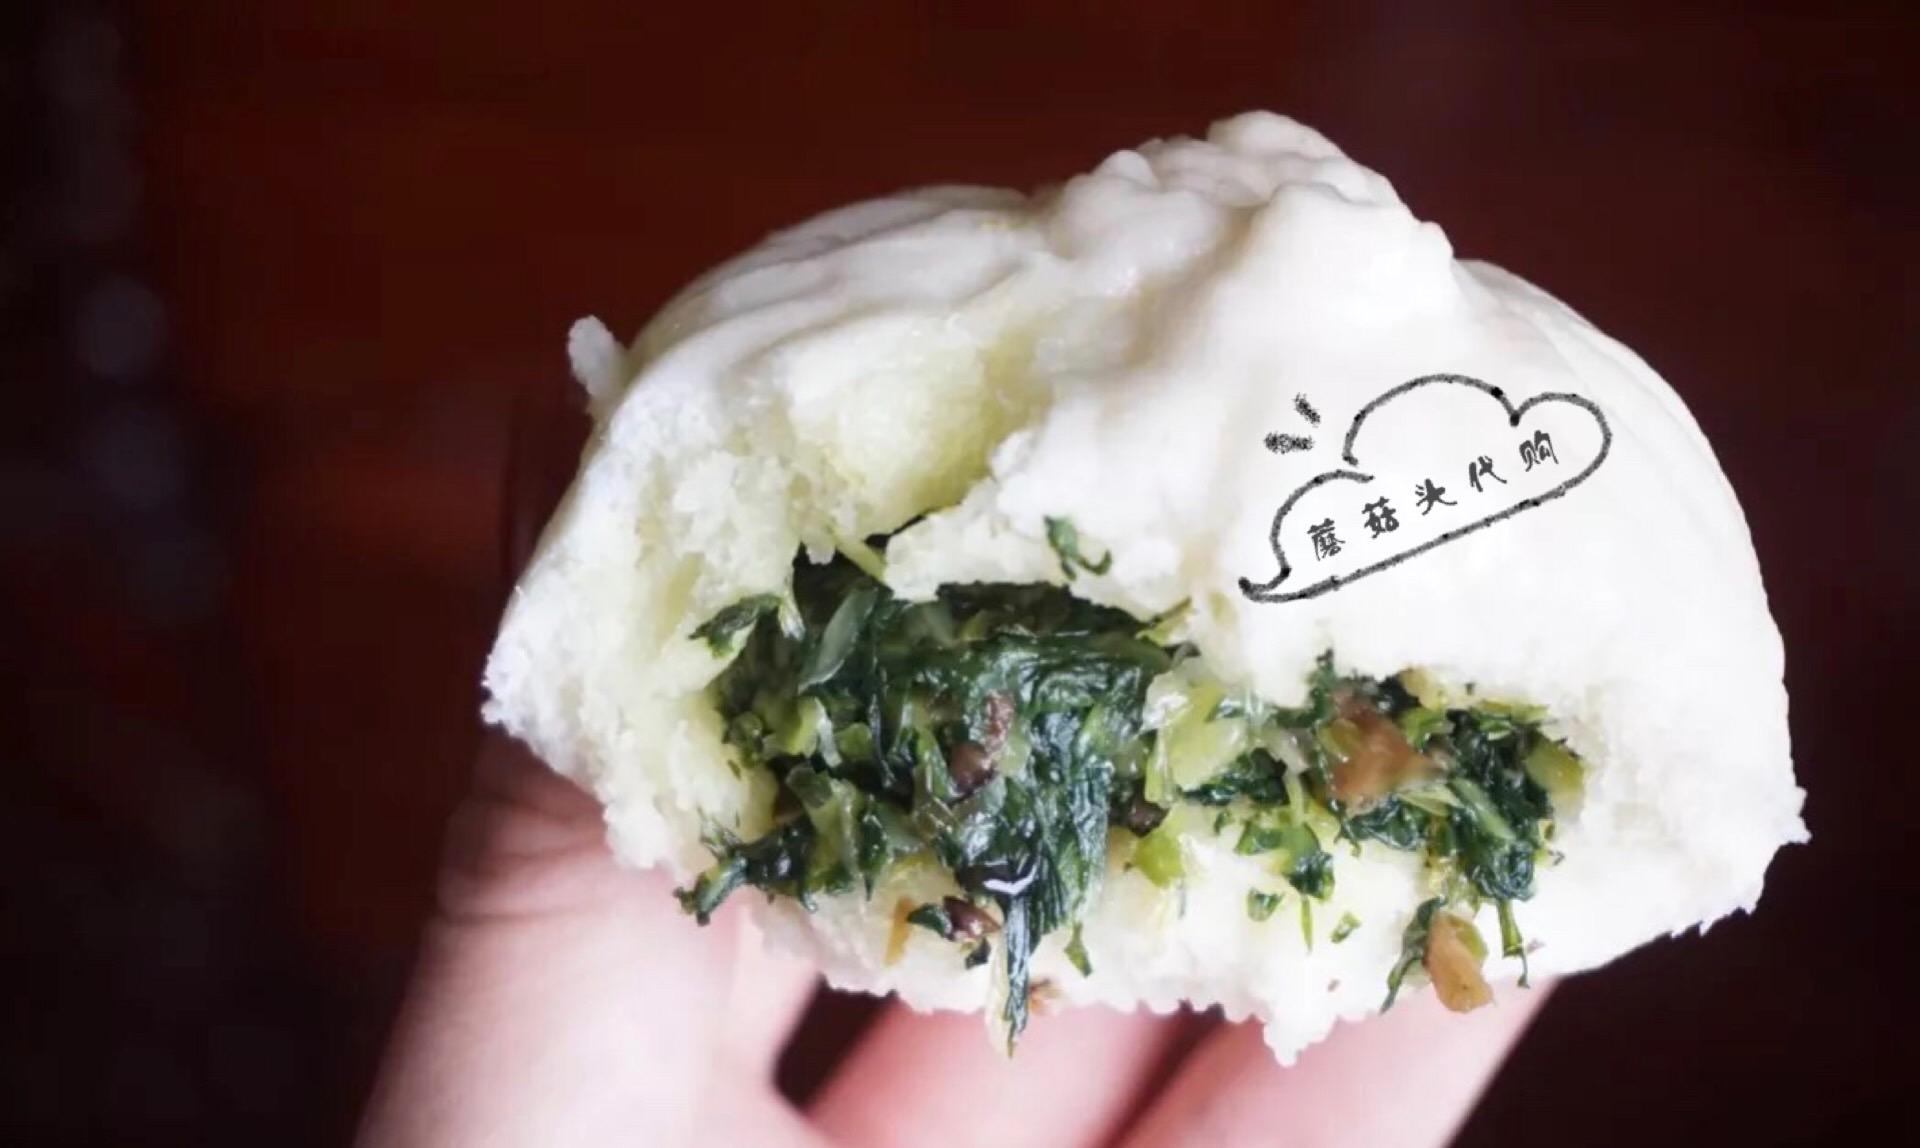 上海绿杨邨绿杨村素菜包 上海美食小吃  网红菜包特色点心早点